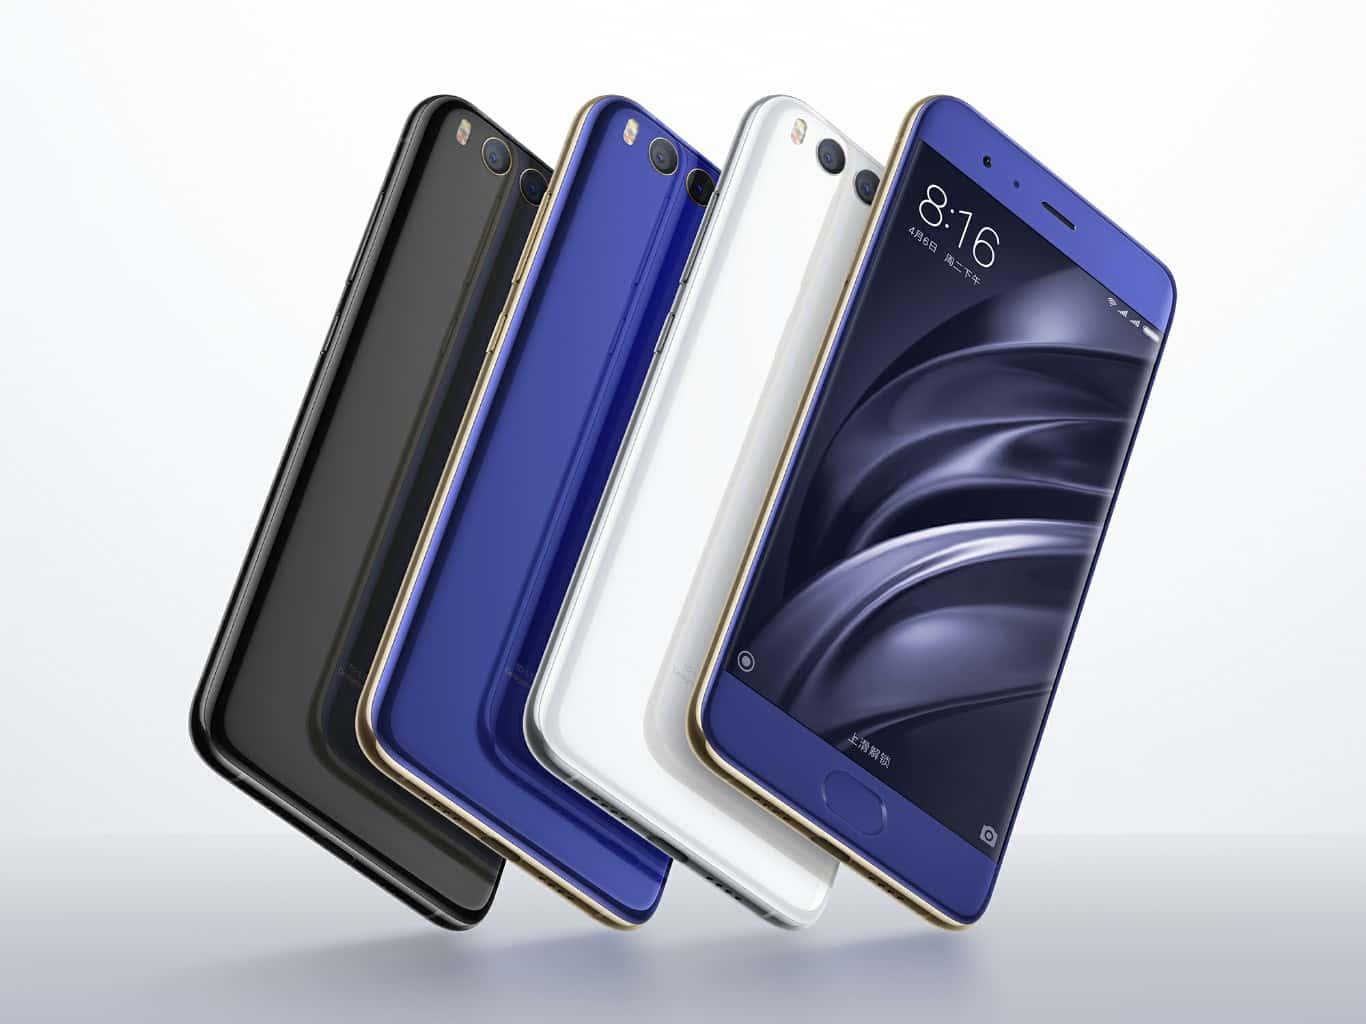 گوشی Xiaomi Mi 6 از امروز در خارج از چین عرضه خواهد شد